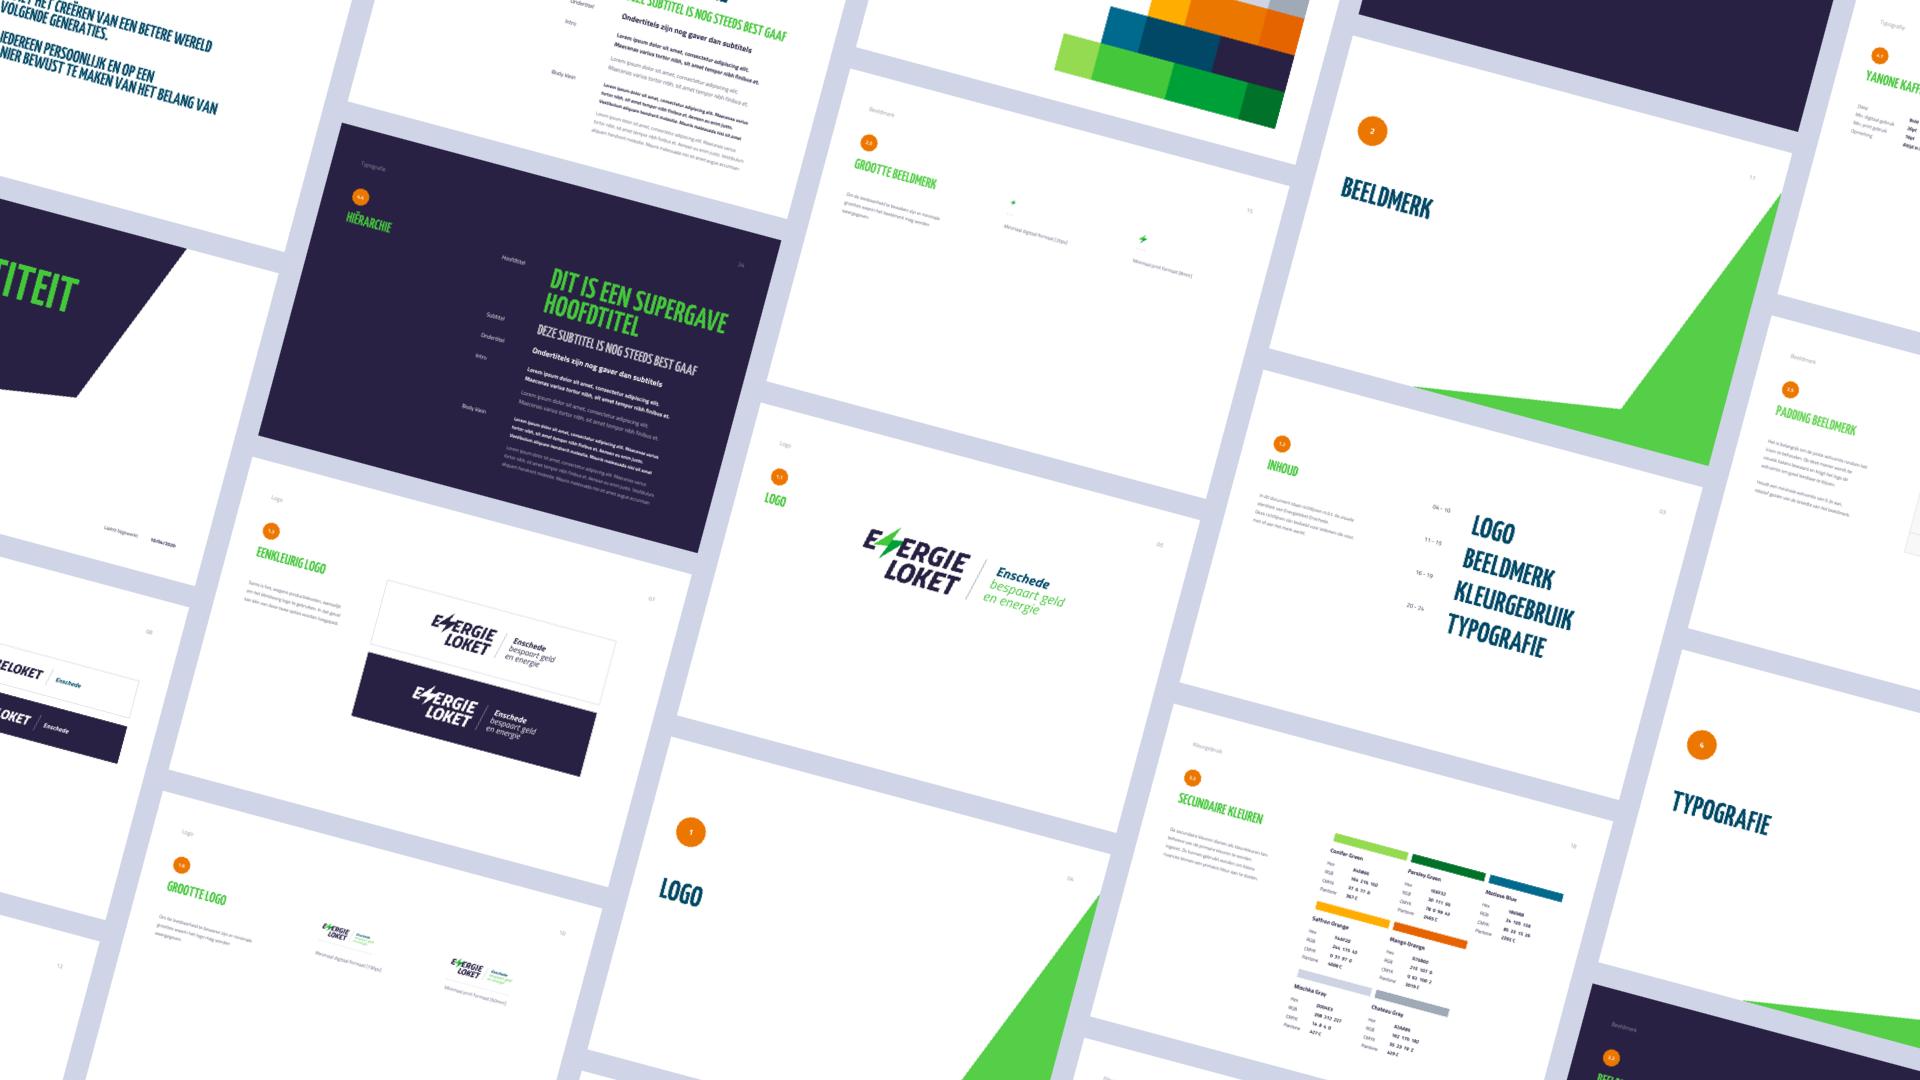 Energieloket Enschede: Recharge Energy Efficiency - Website Creatie